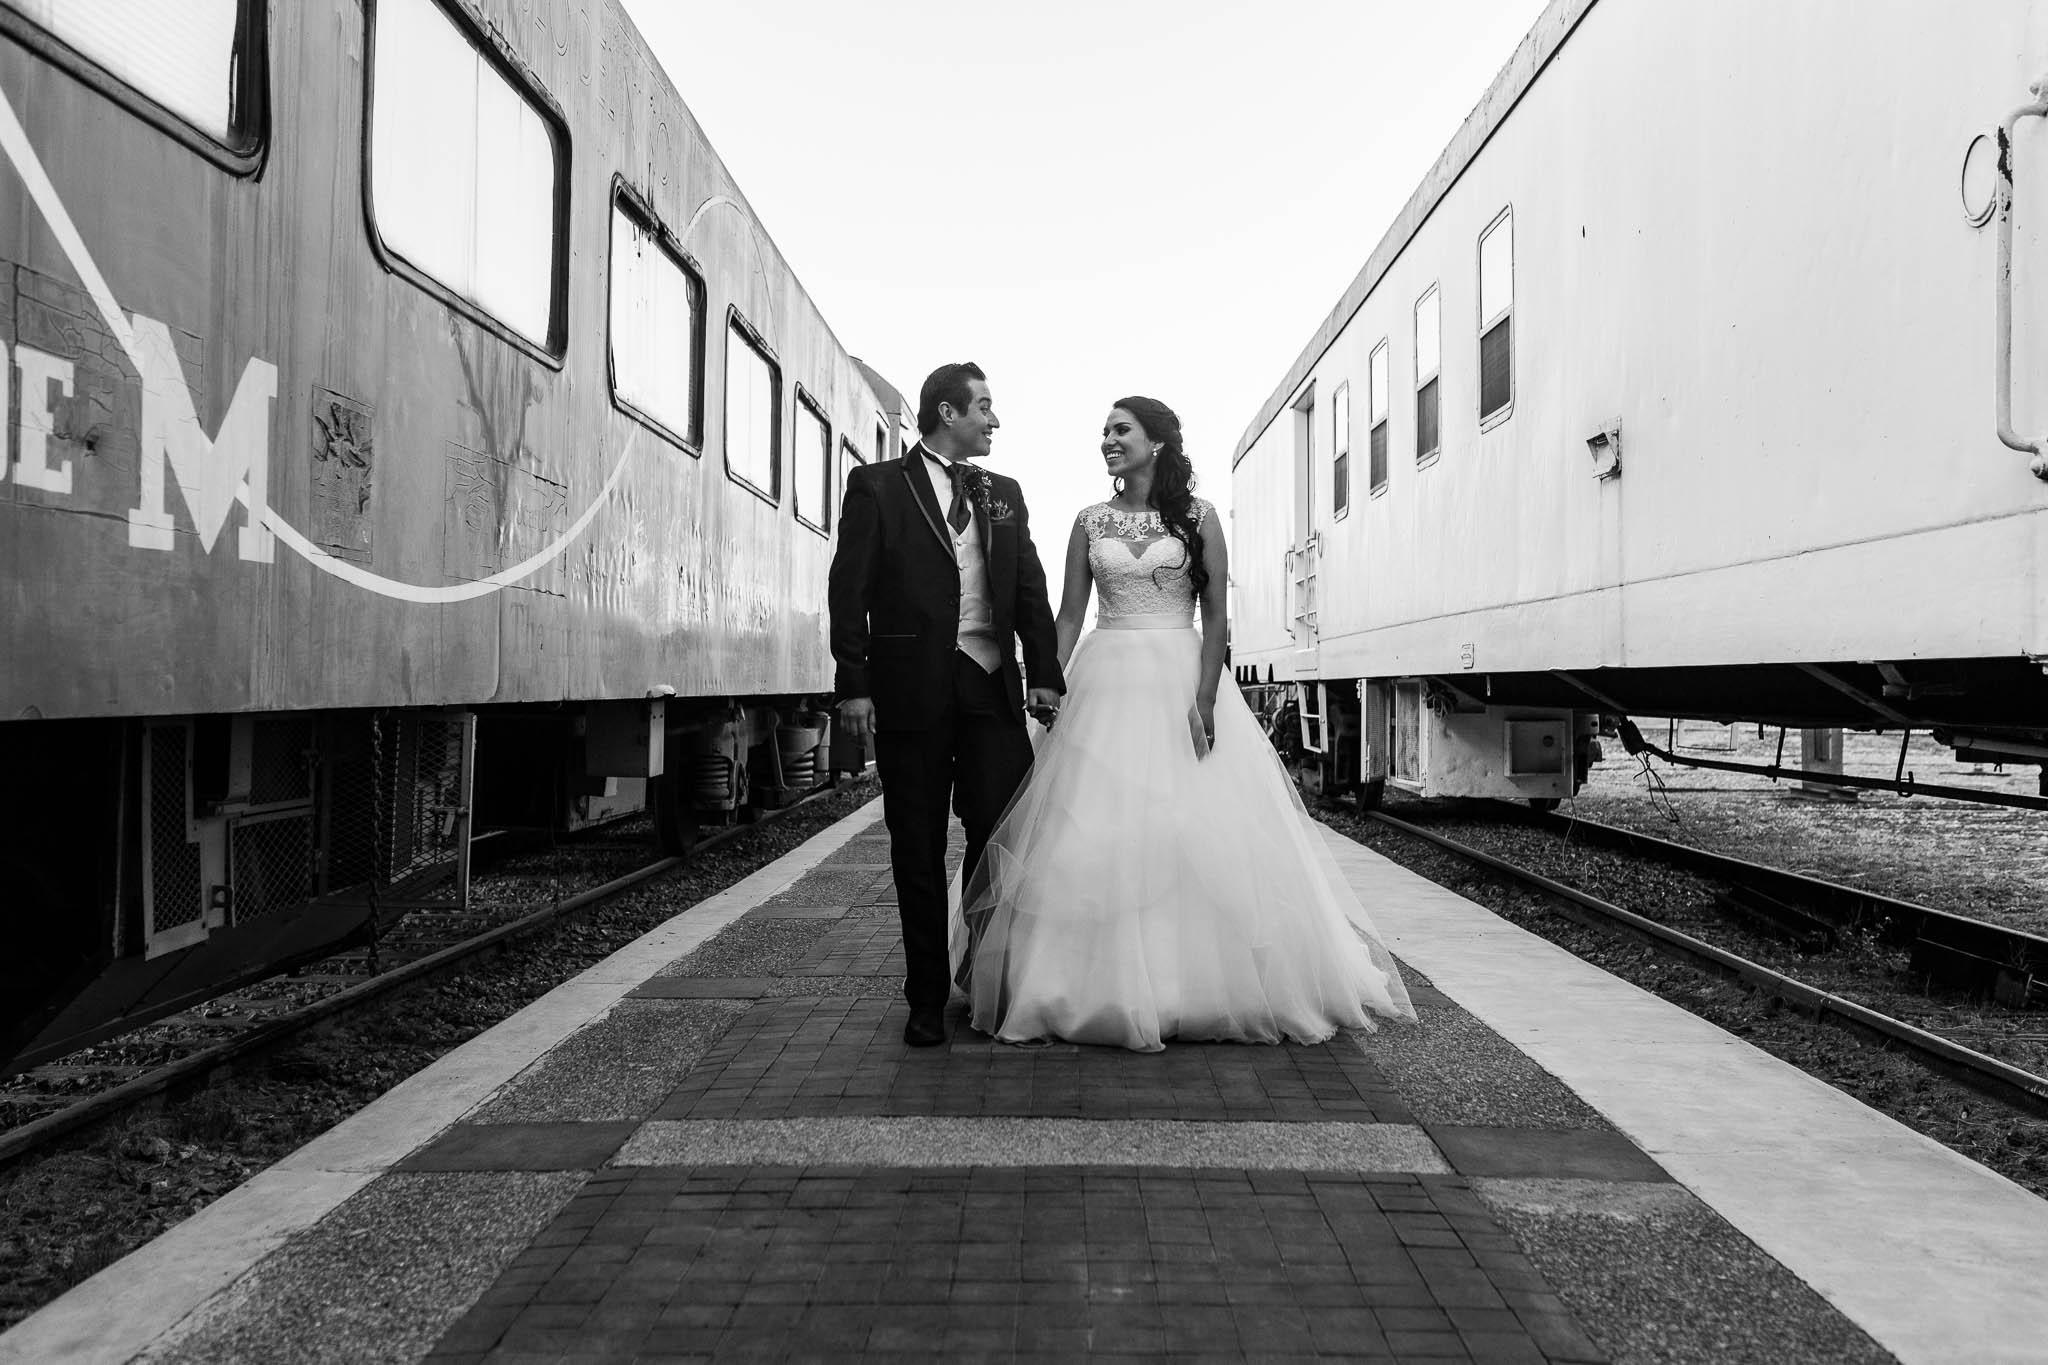 fotografo de bodas san luis potosi boda mexico wedding destination fotos de boda 131